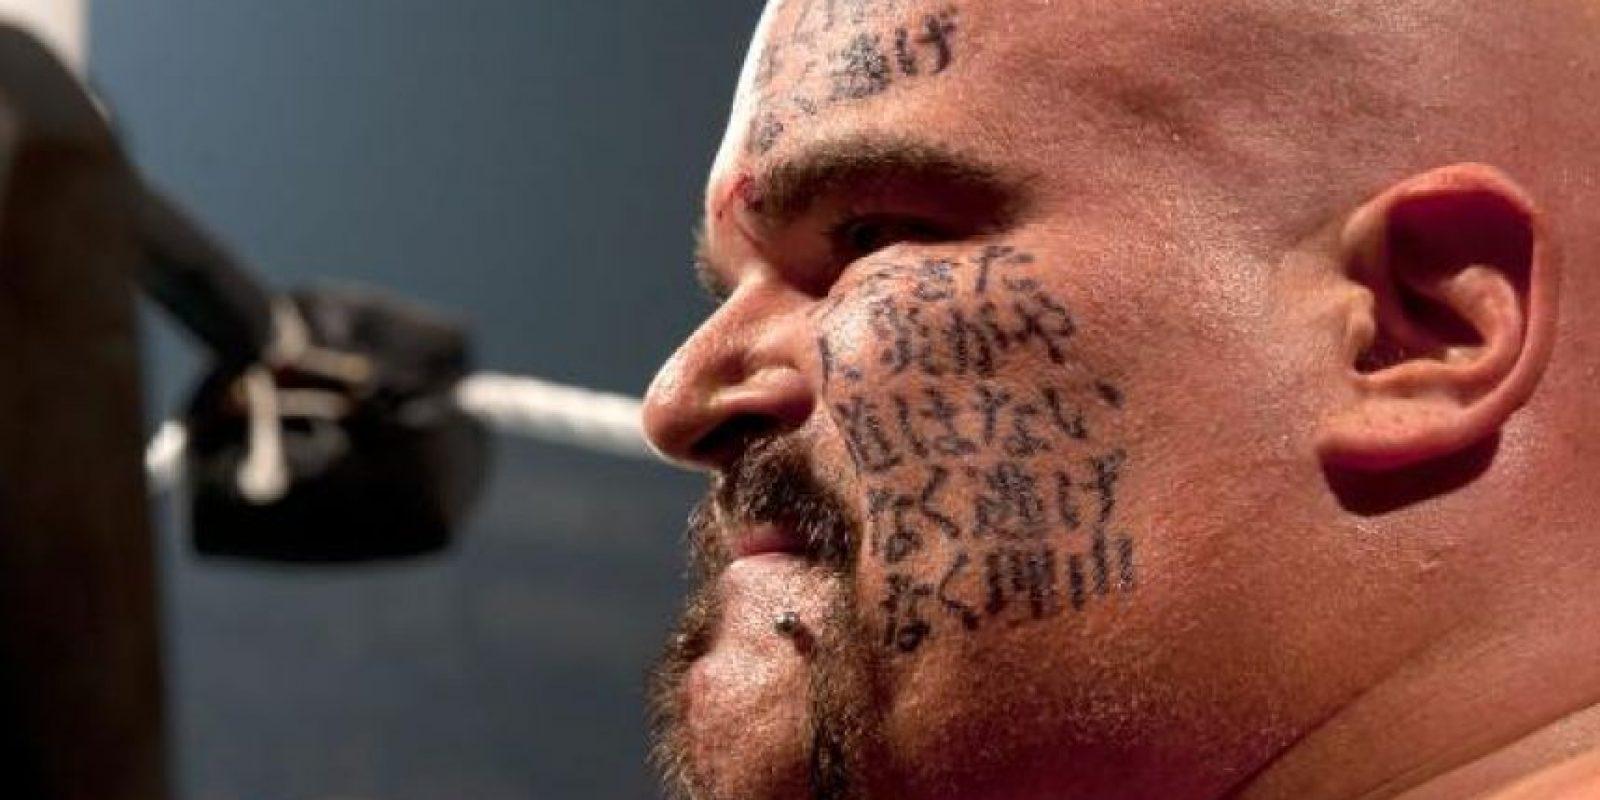 Después de su paso por Japón, regresó a América con símbolos orientales en la cara Foto:WWE